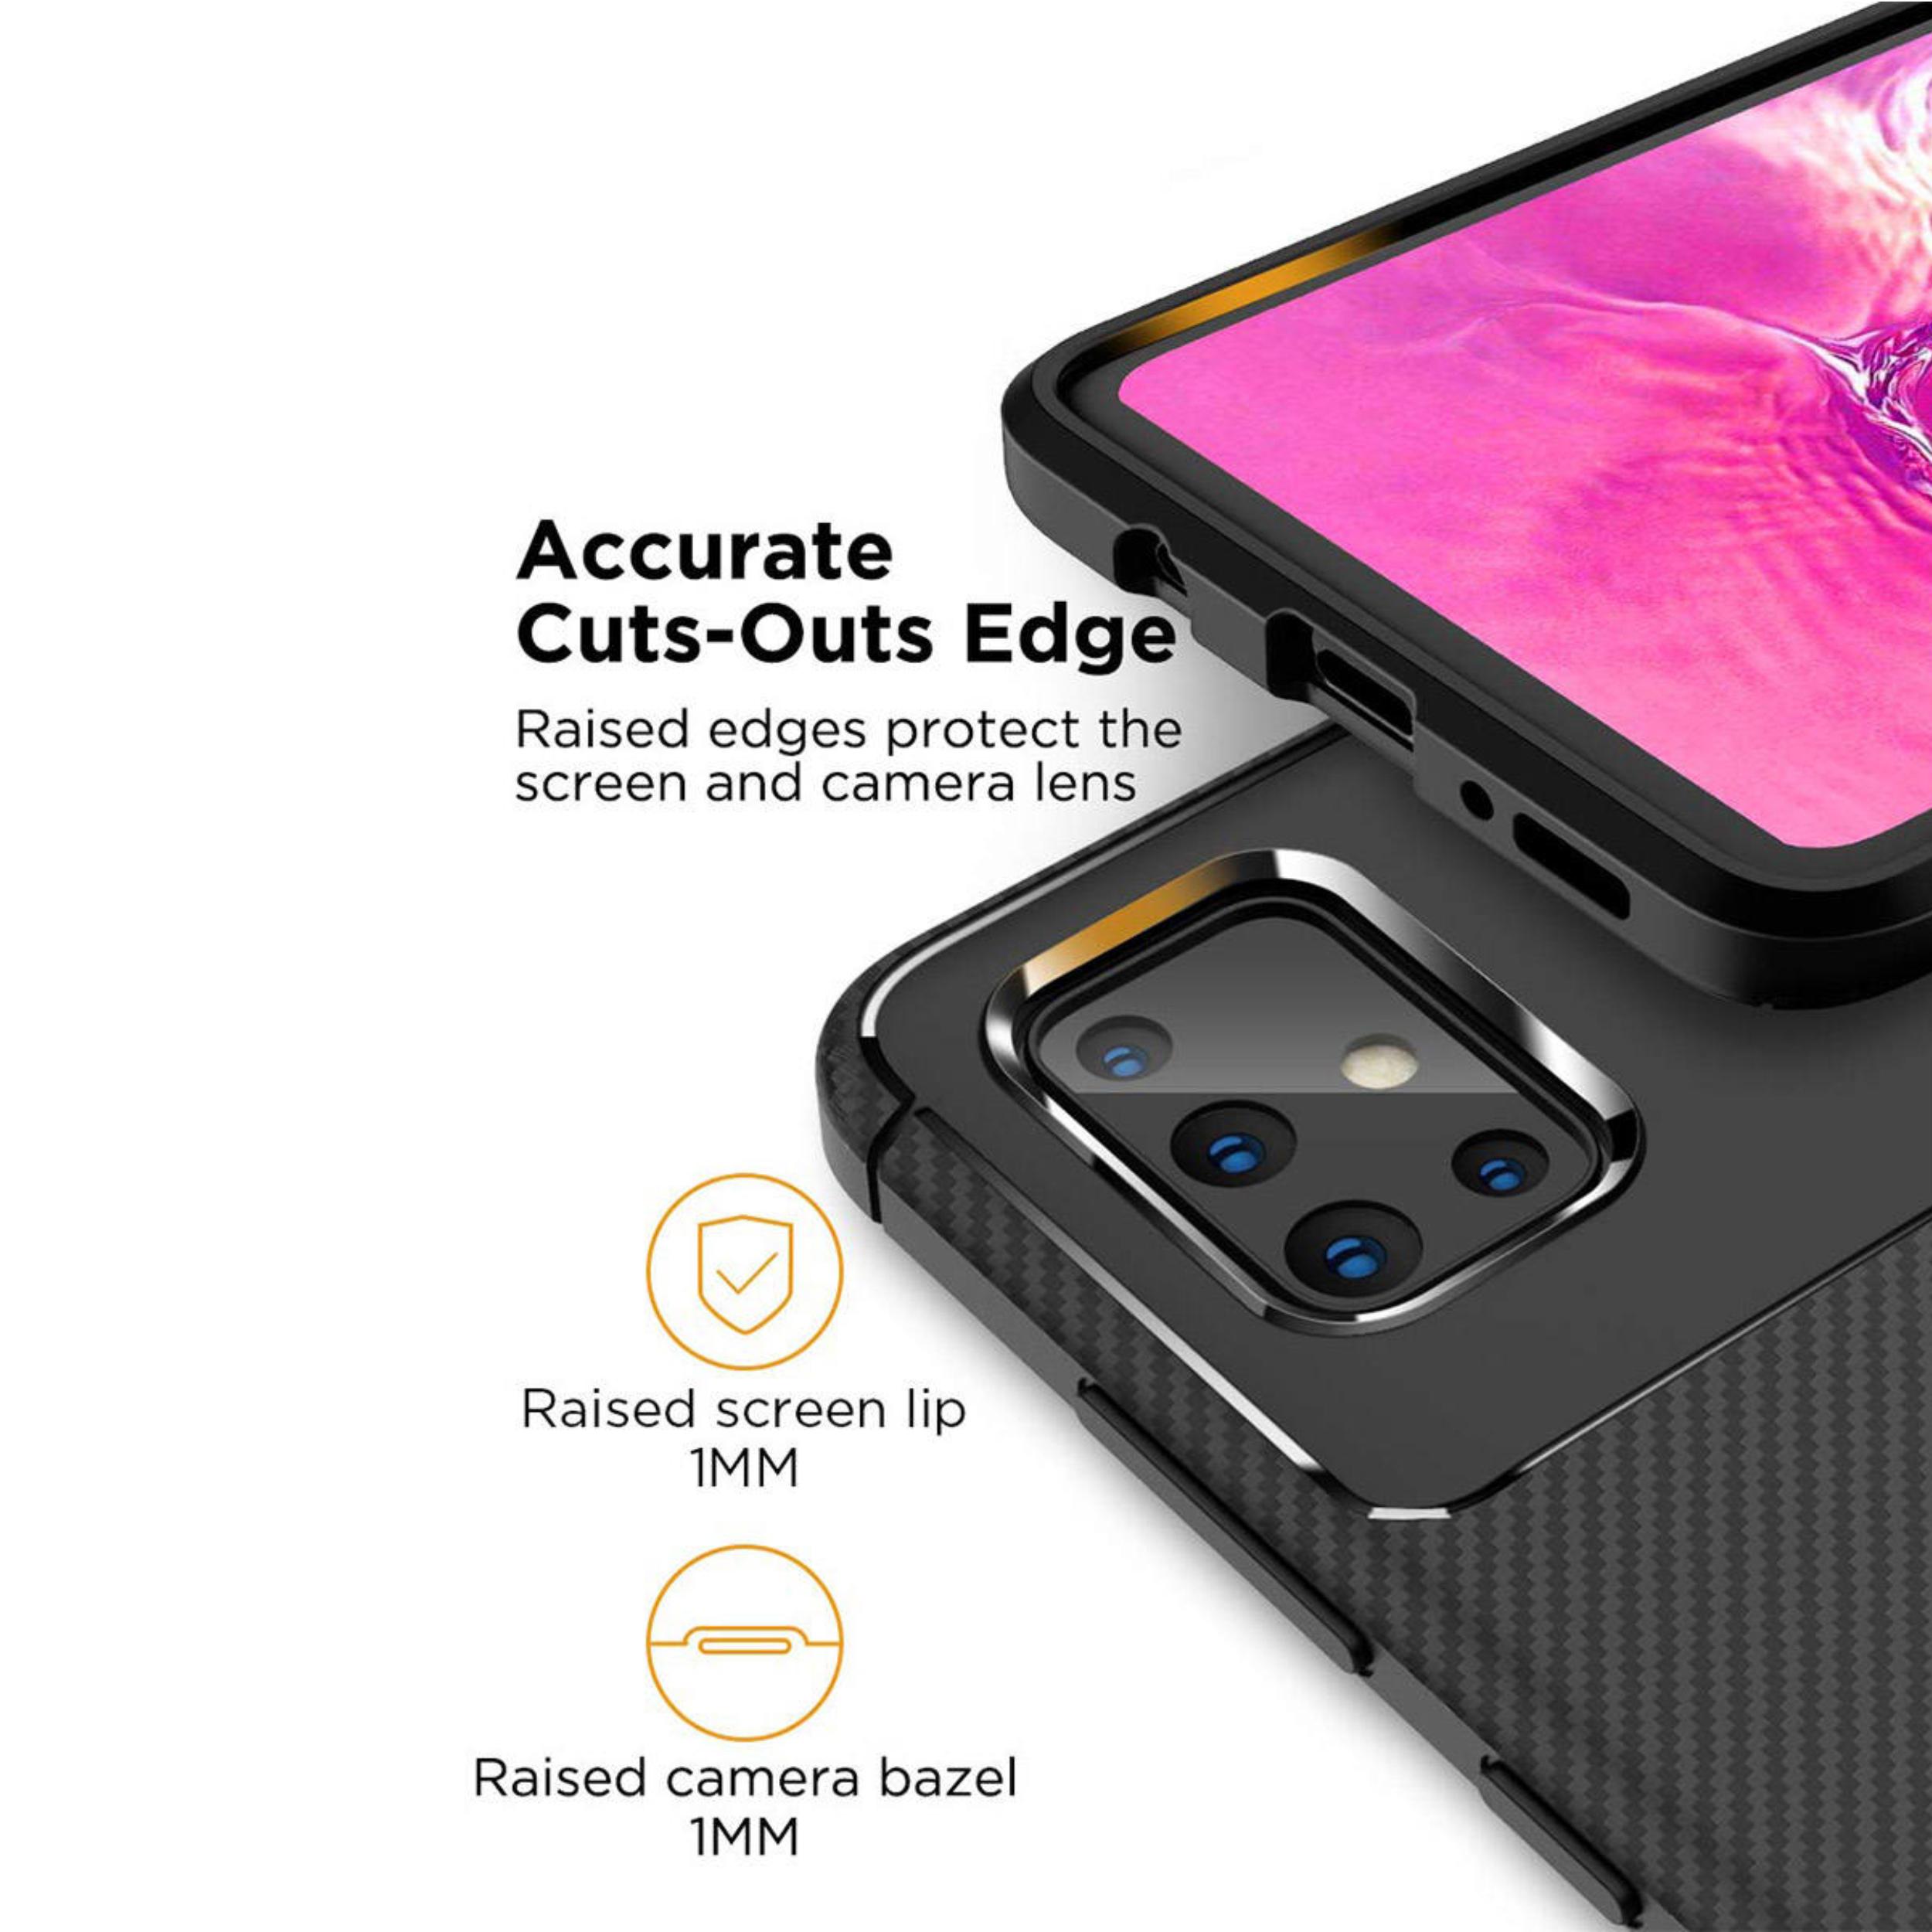 کاور لاین کینگ مدل A21 مناسب برای گوشی موبایل سامسونگ Galaxy A51 thumb 2 3